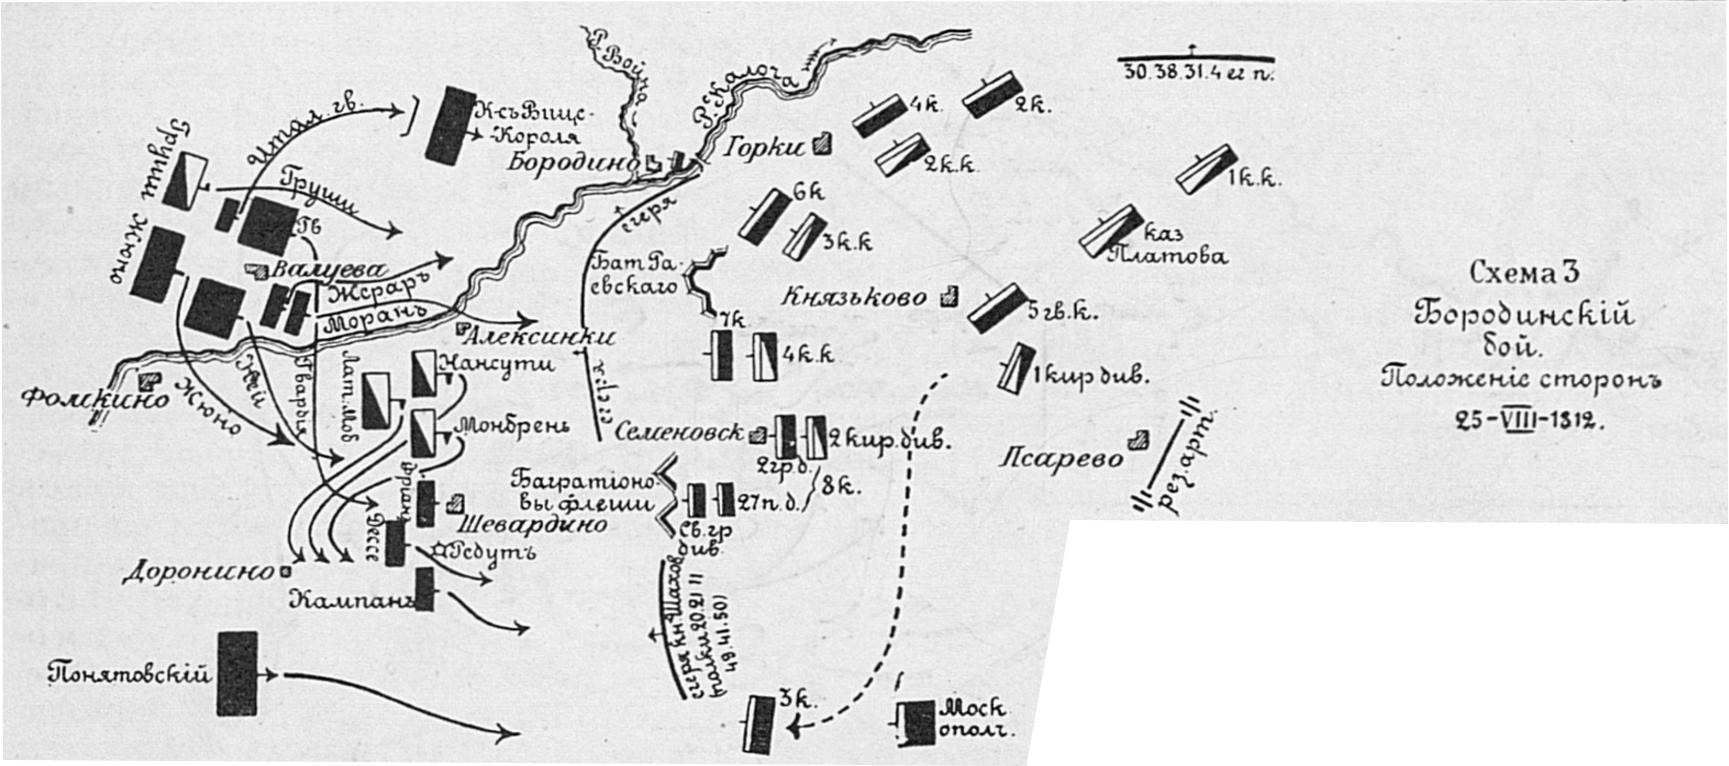 Схема бородинского сражения с условными